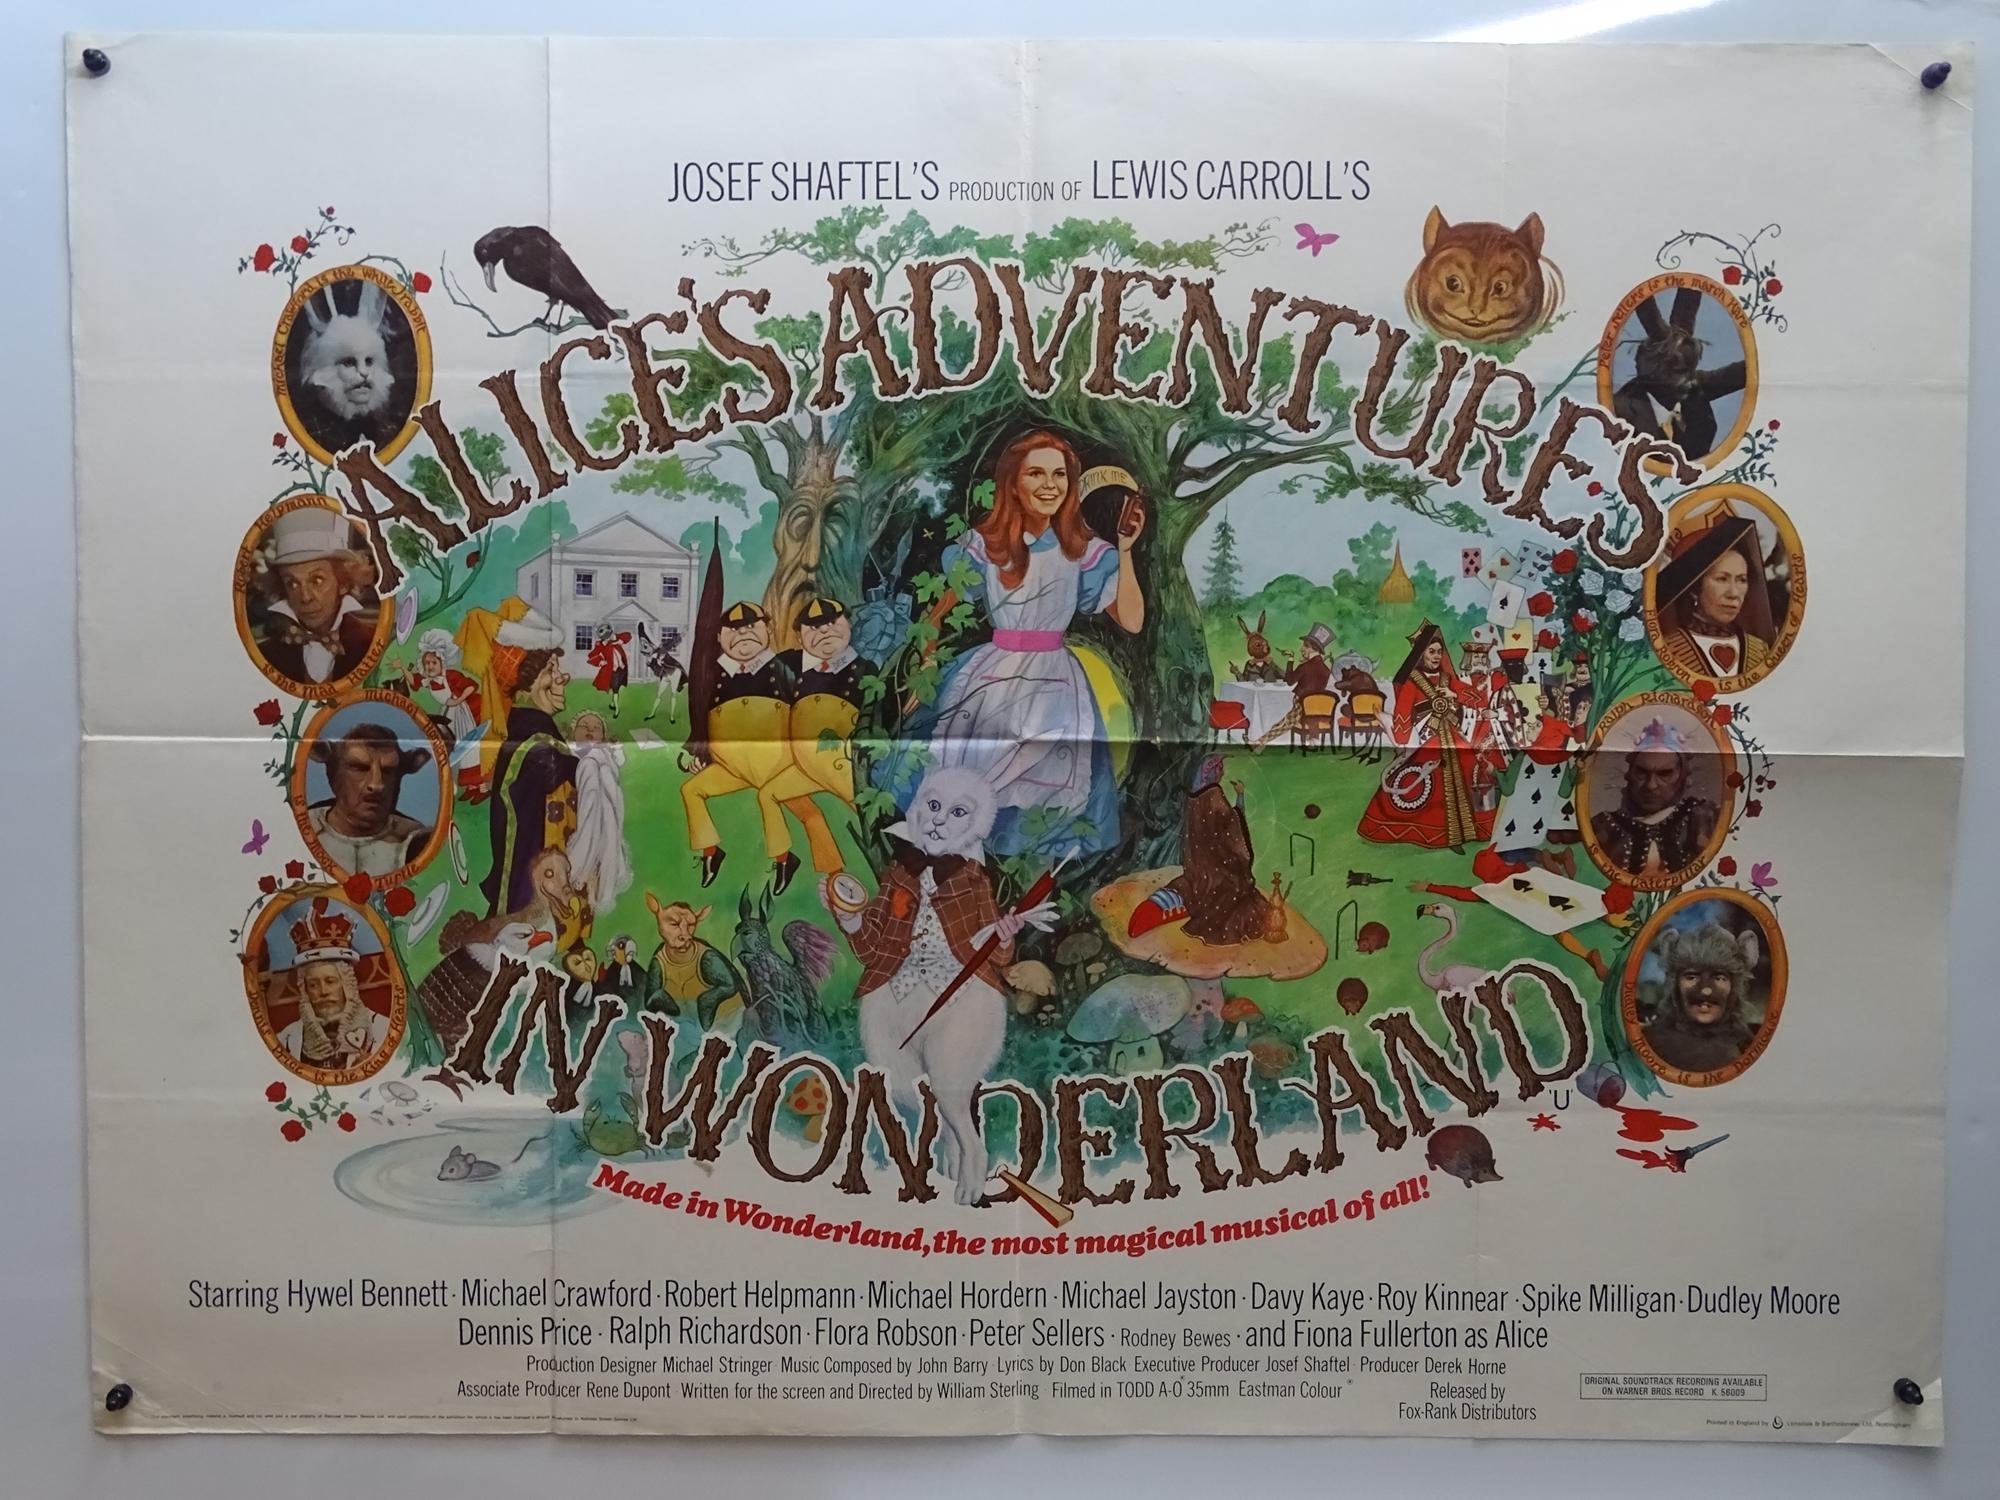 """ALICE'S ADVENTURES IN WONDERLAND (1972) British UK Quad Film Poster - 30"""" x 40"""" (76 x 101.5 cm) ("""